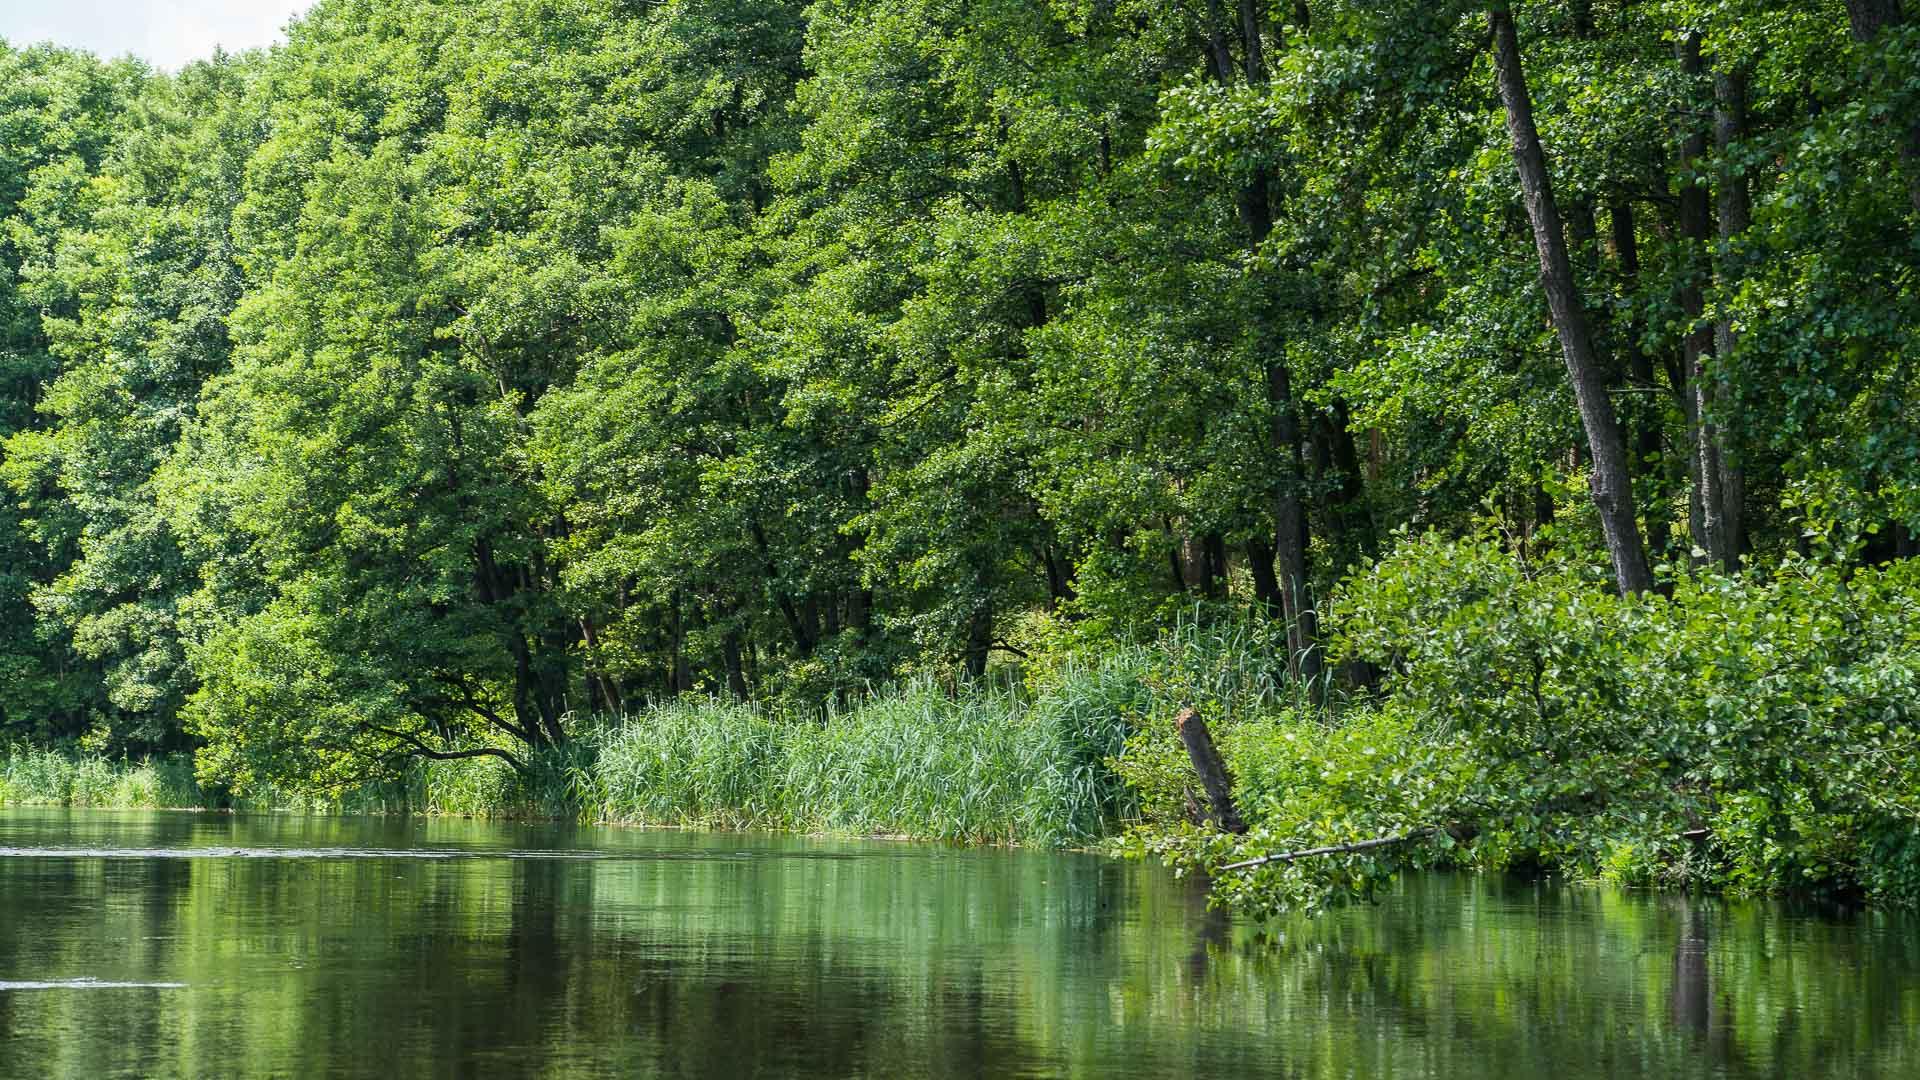 Rzeka Wda ≋ jednodniowy spływ kajakowy, trasa, relacja ≋